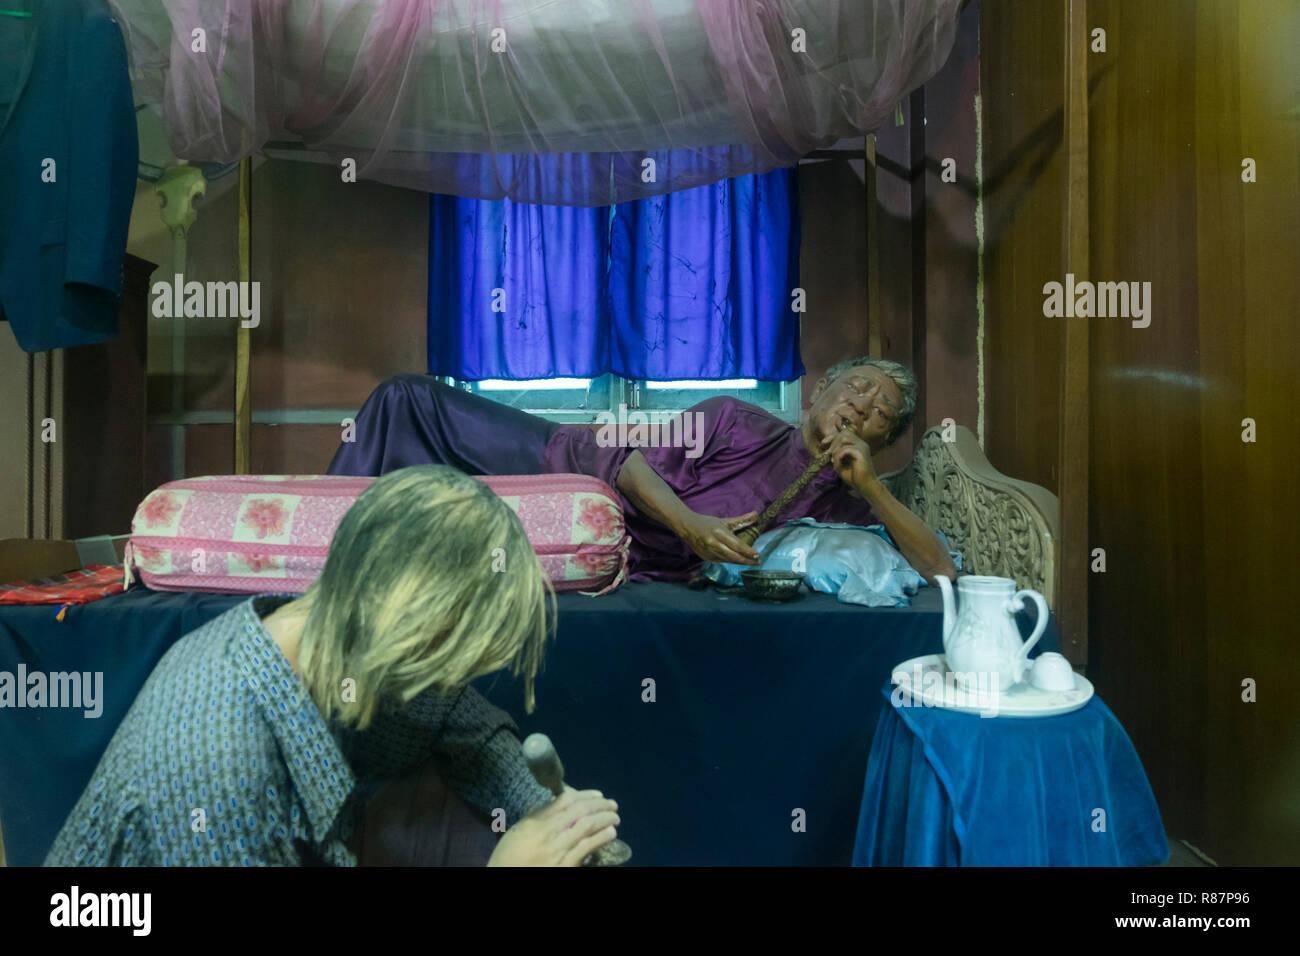 La pièce montrant les fumeurs d'opium au Musée d'élimination des drogues à Yangon, Myanmar. Banque D'Images